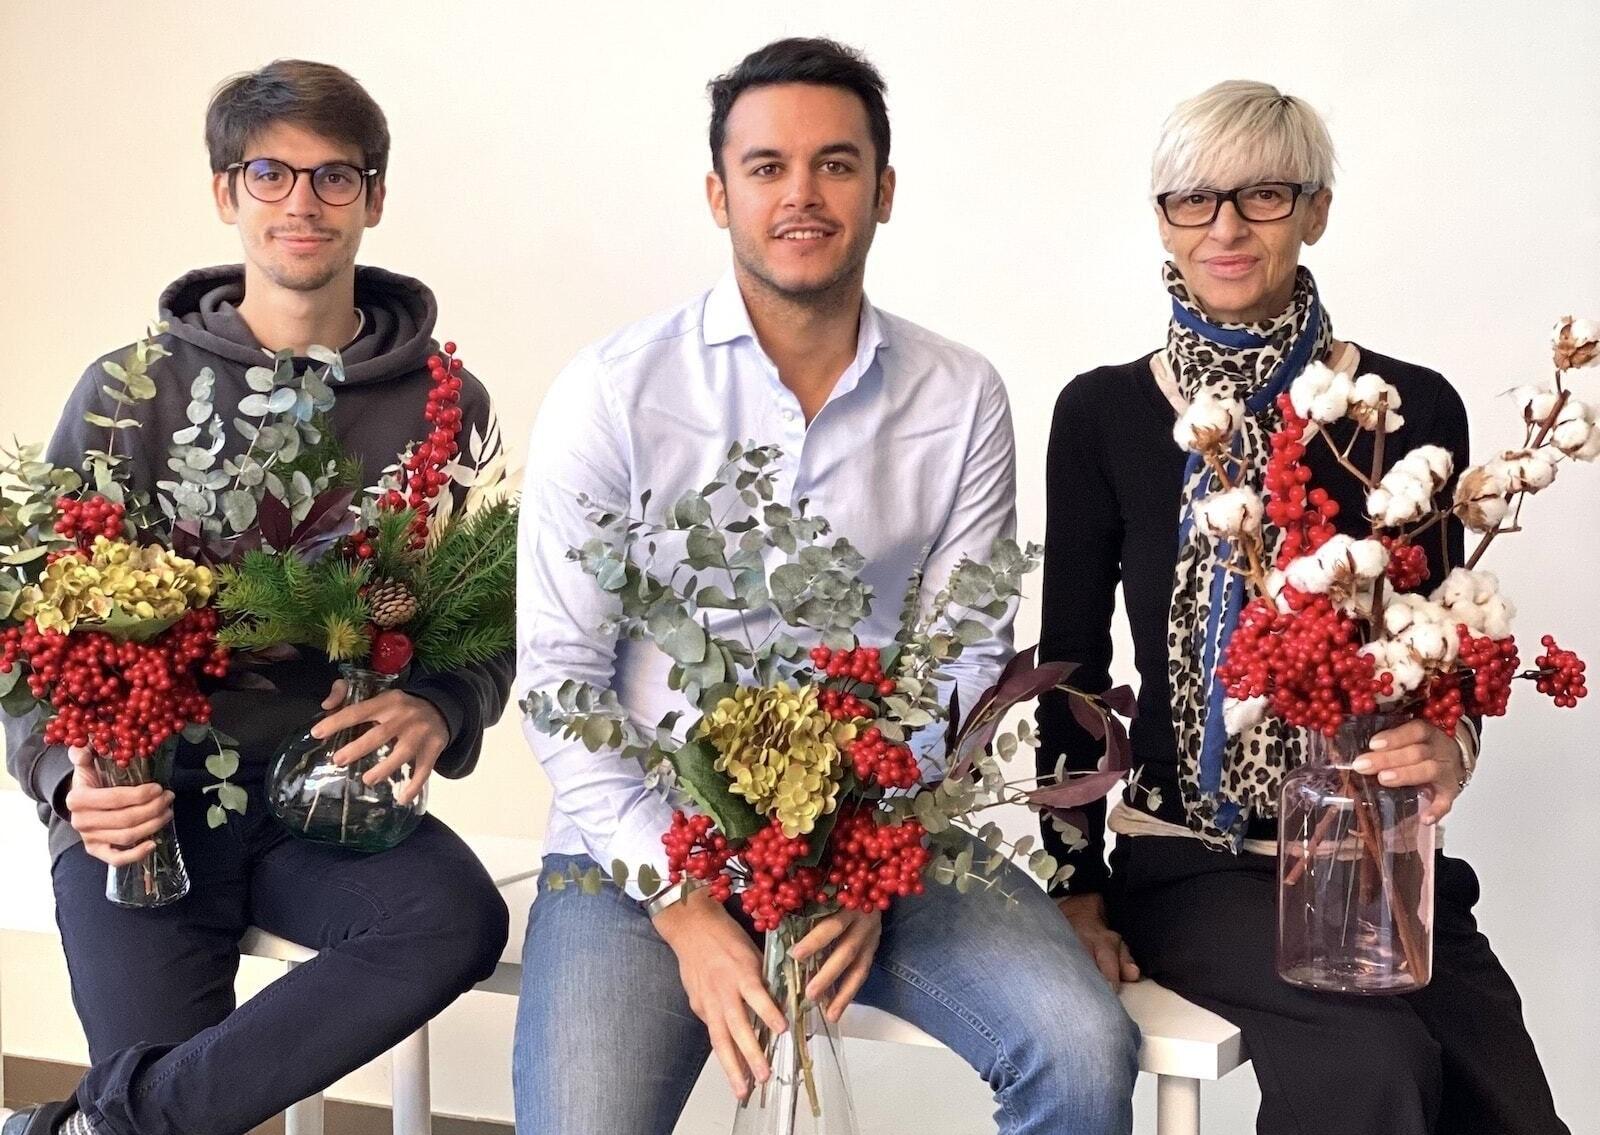 Blaine es un negocio que plantea un servicio de suscripción mensual de ramos de flores artificiales sostenibles para empresas y negocios. Desde su creación su objetivo ha sido democratizar el uso de las flores en cualquier tipo de negocio, desde pequeños hasta grandes multinacionales.